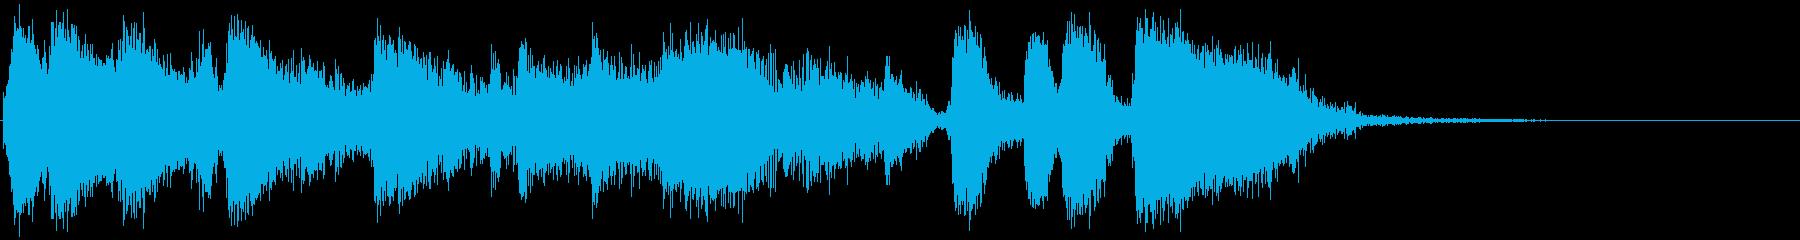 ブラスセクションのファンキーなジングルの再生済みの波形